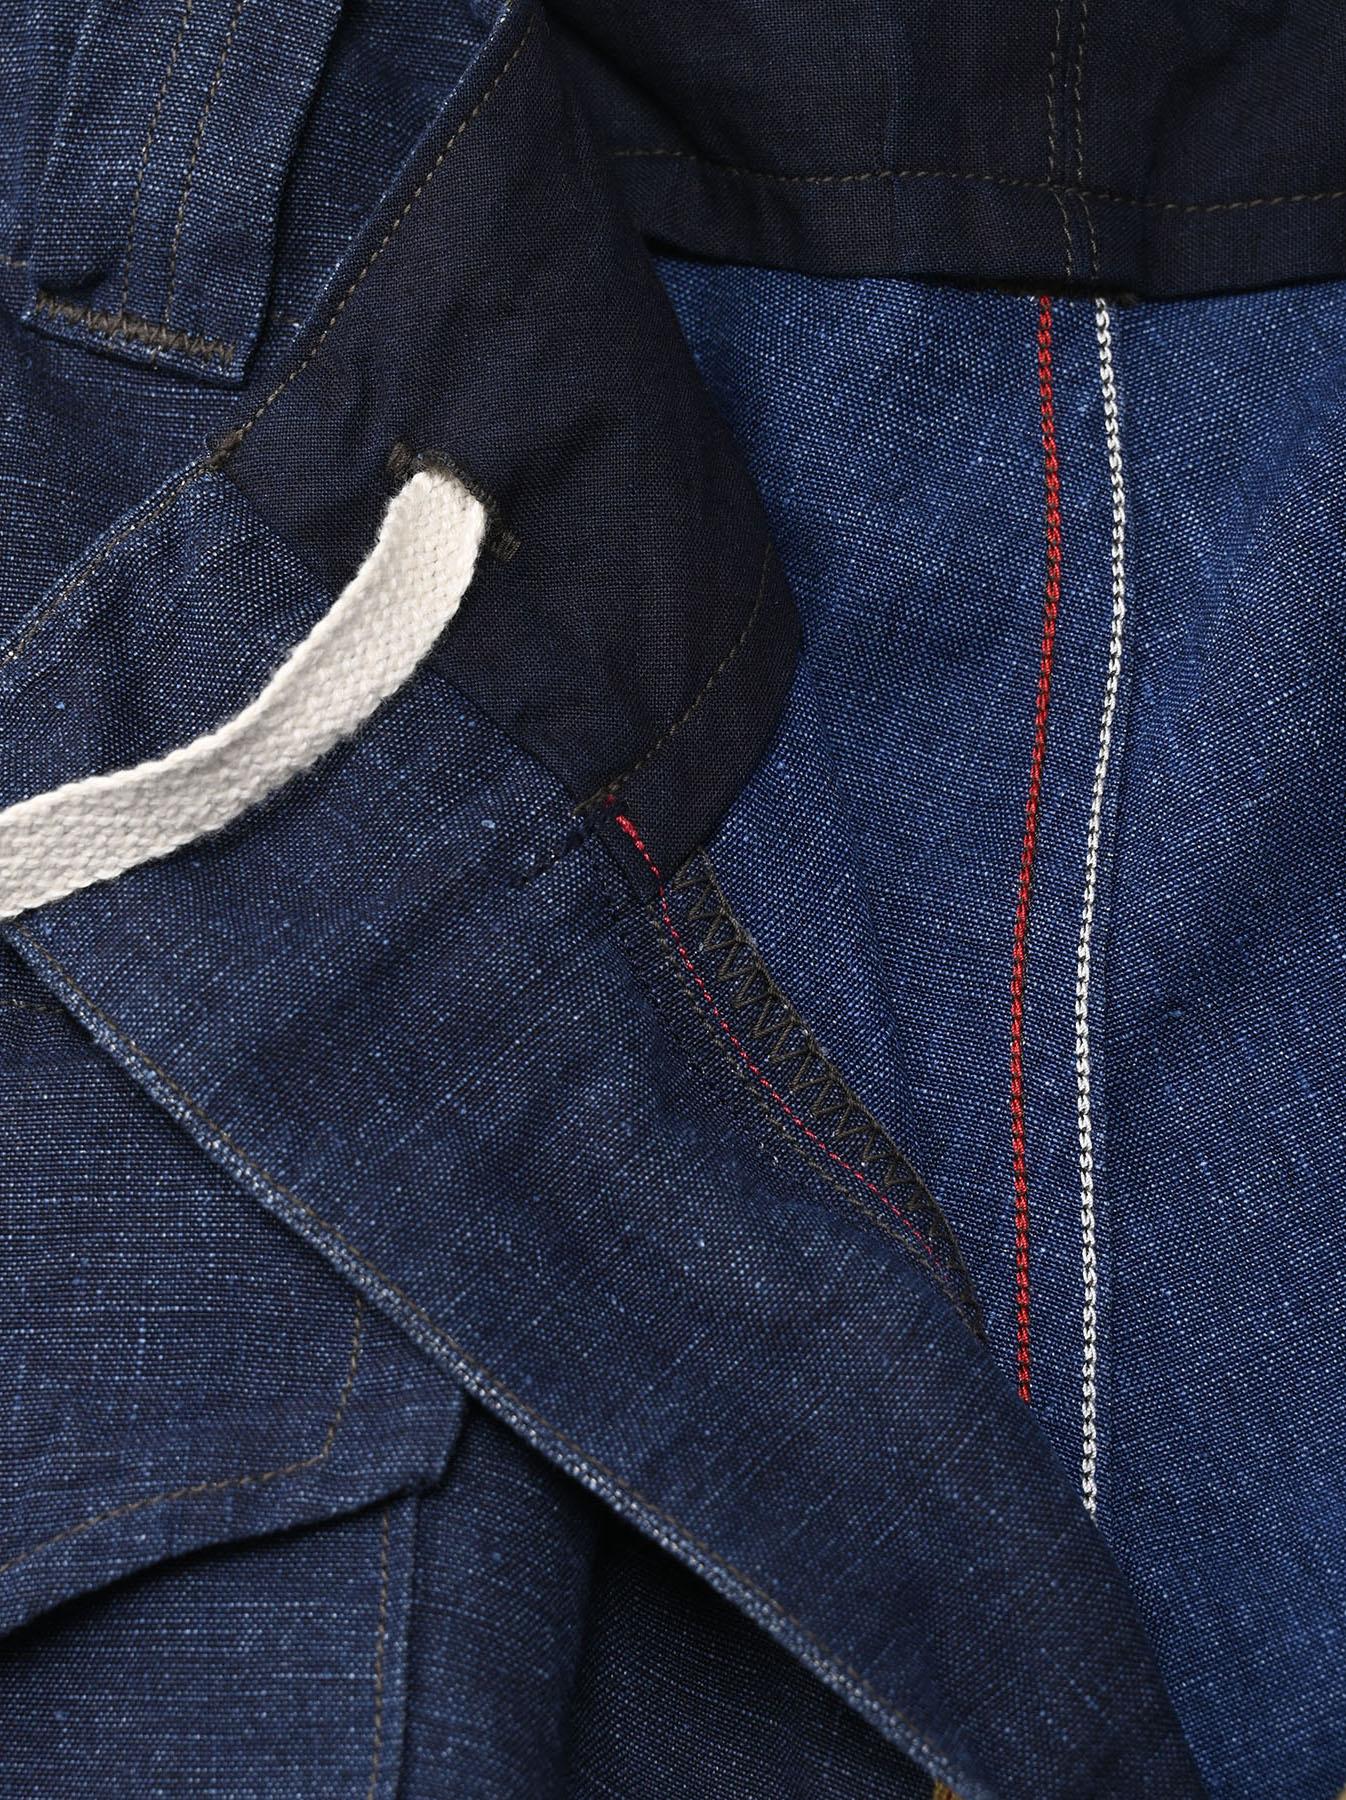 Indigo Nou Linen 908 Easy Sail Shorts (0721)-7